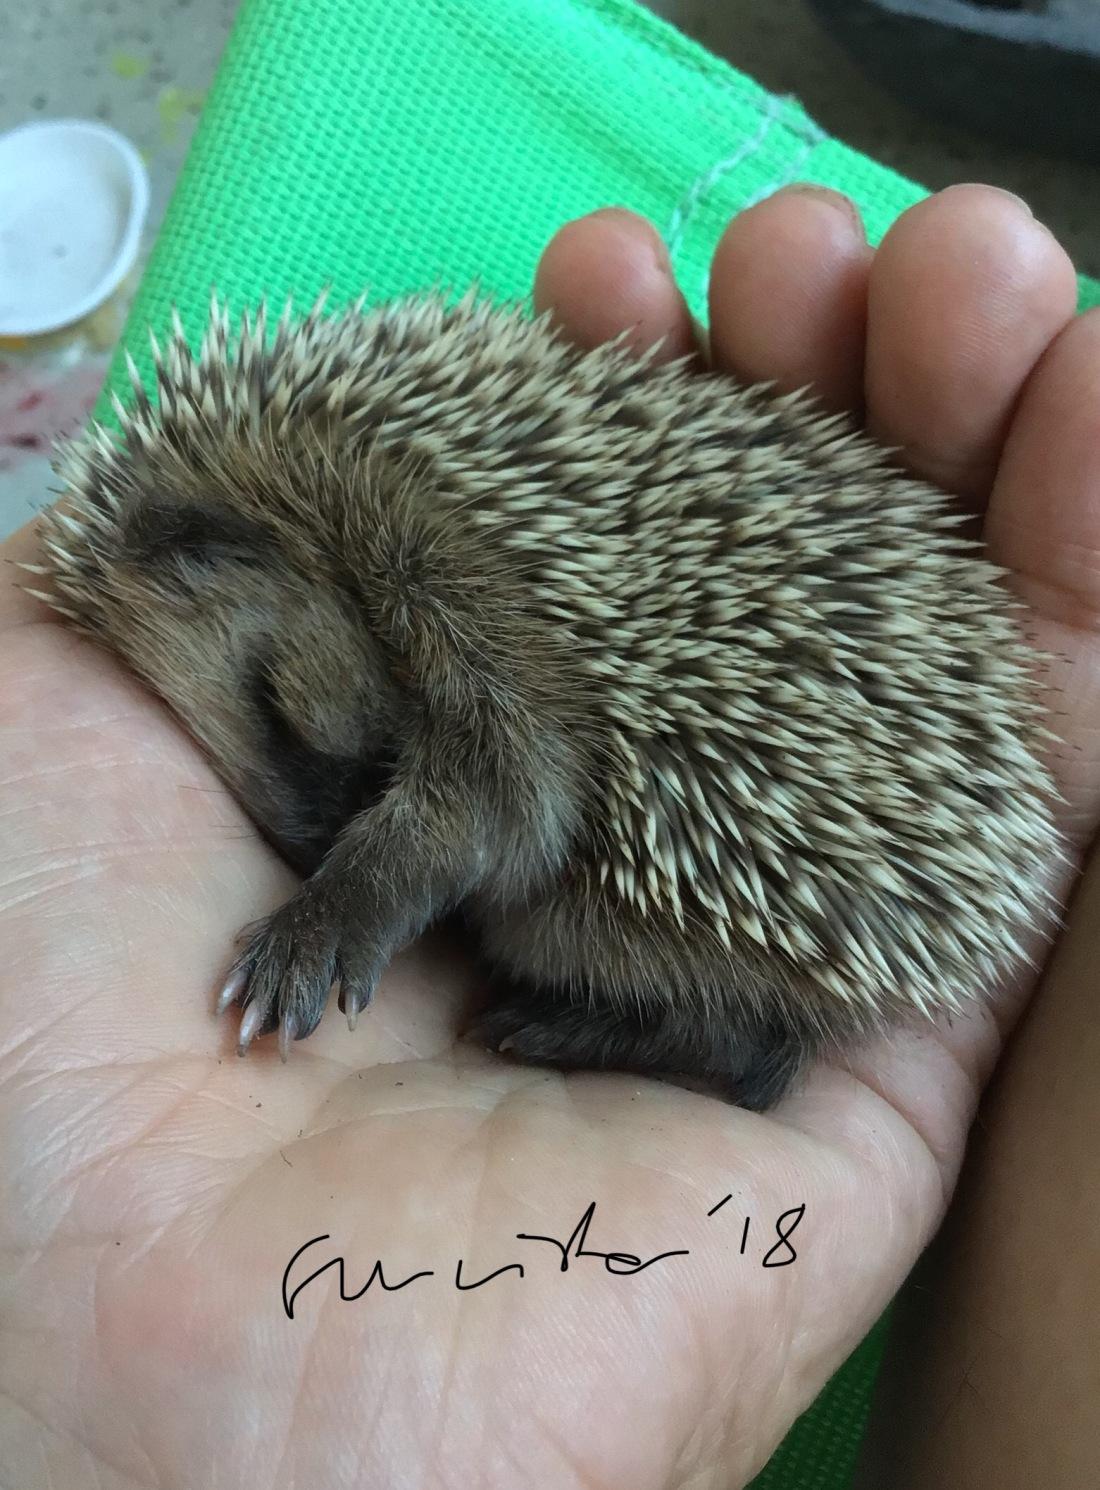 hedgehoe at sleep